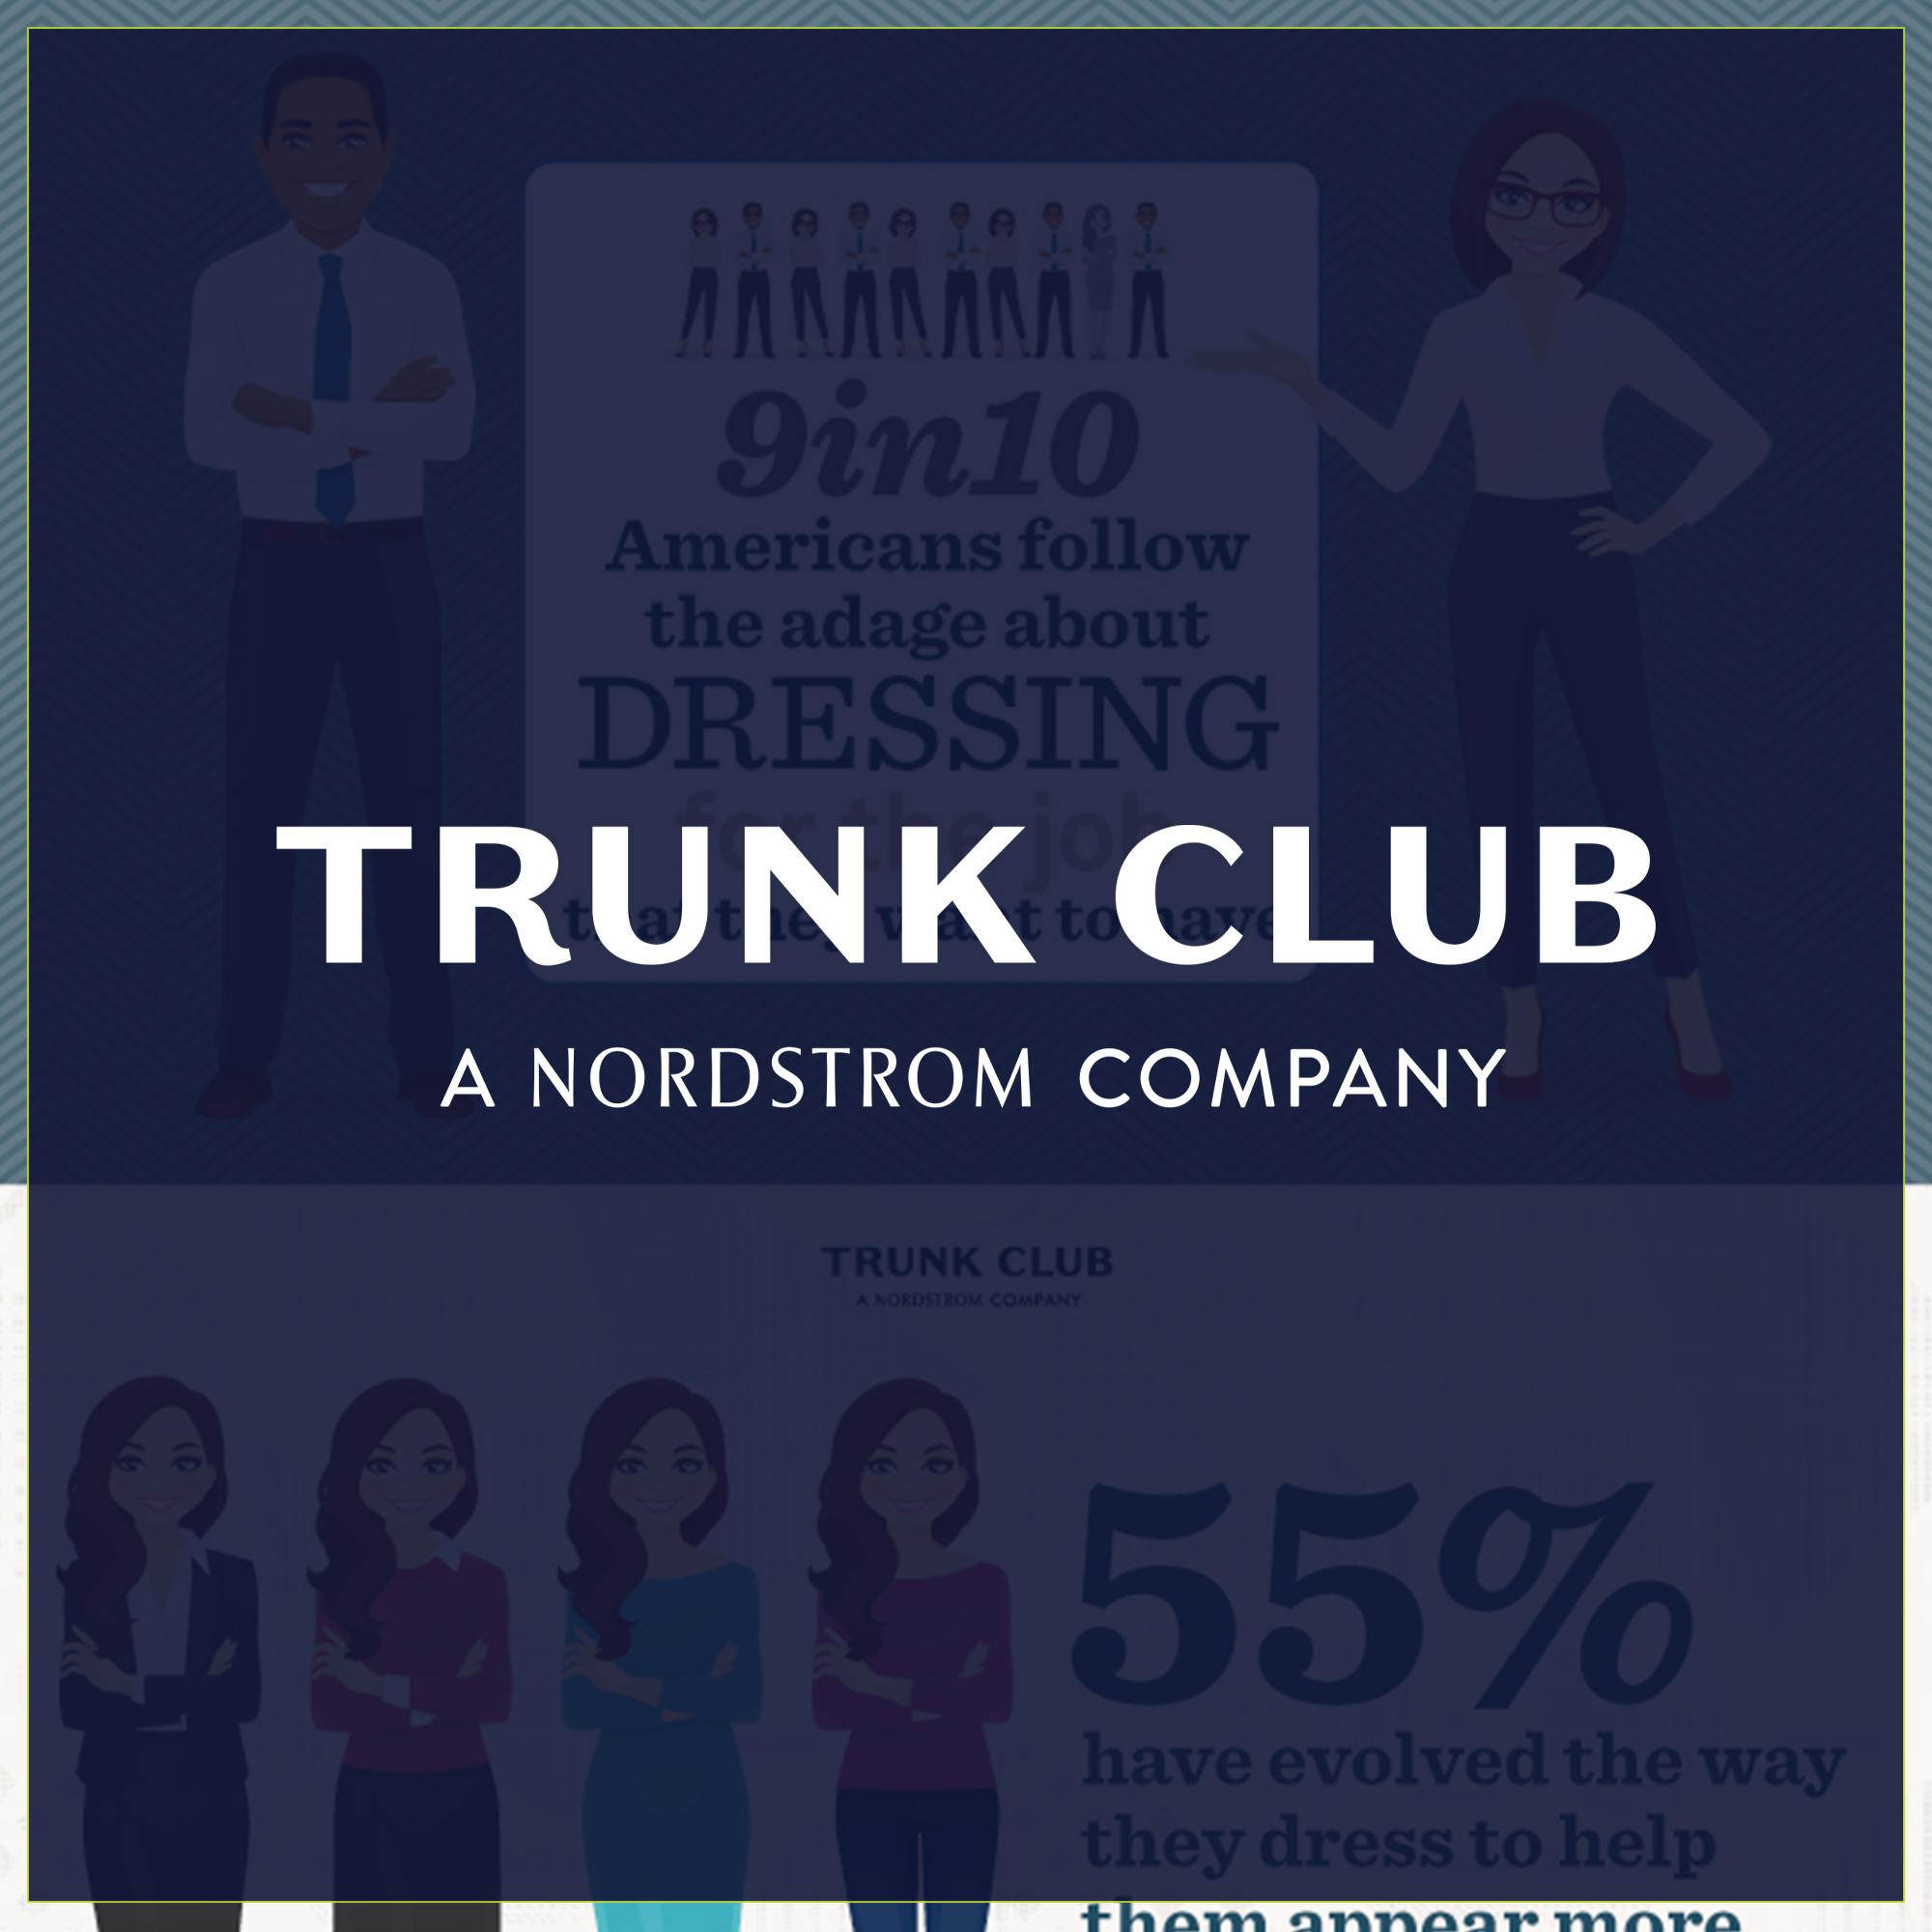 trunk-club.jpg